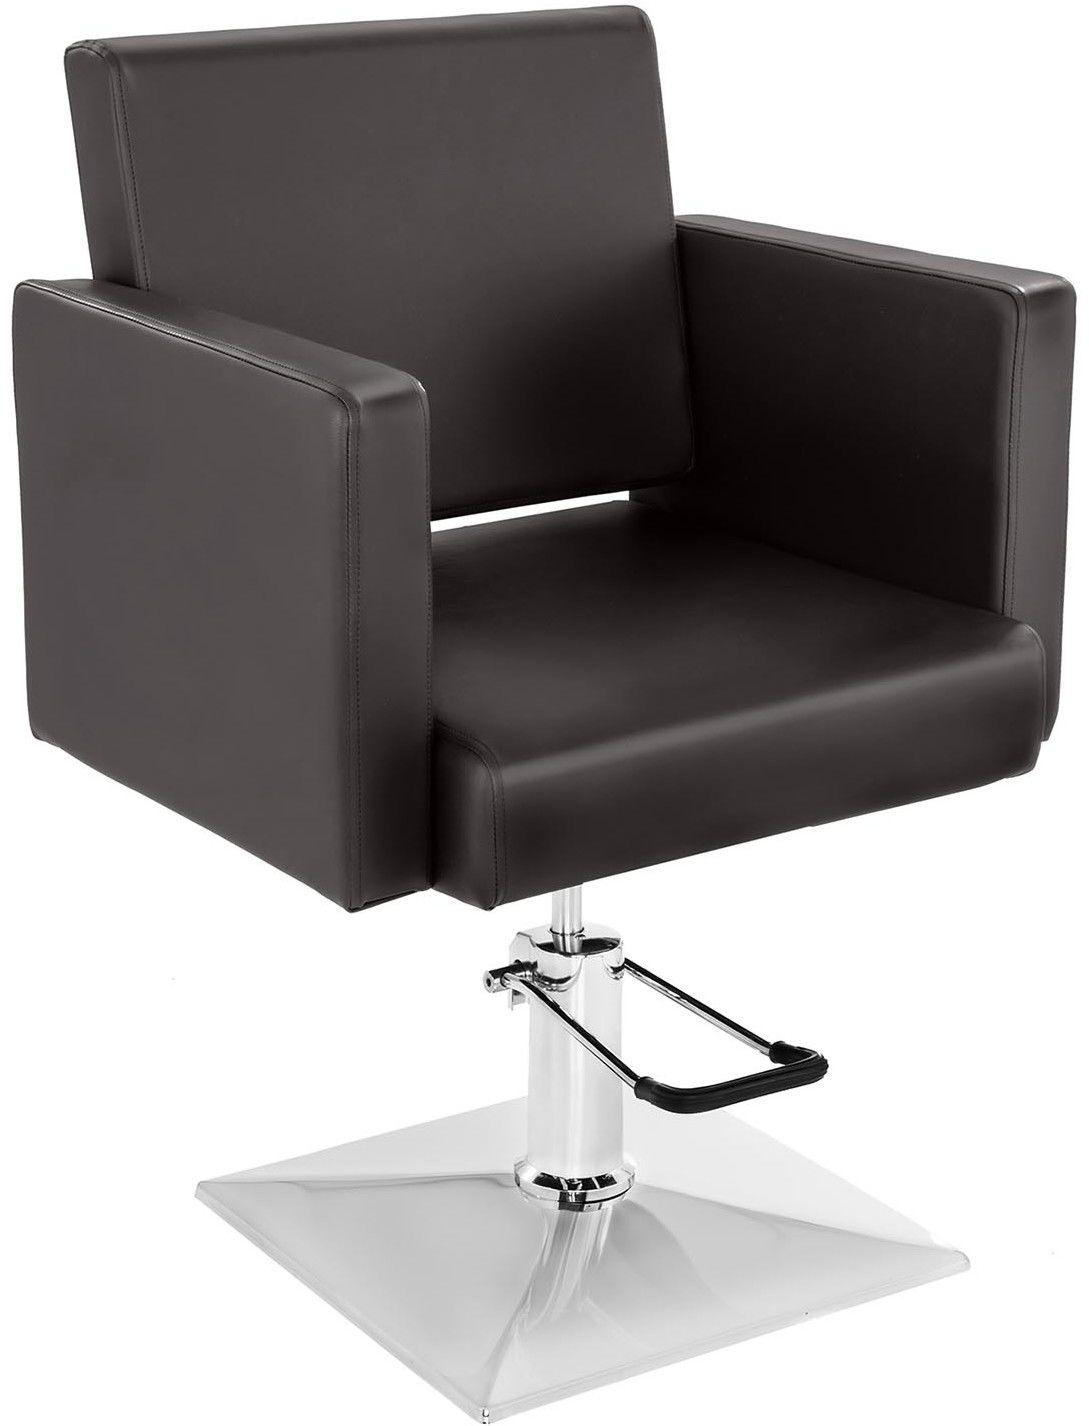 Komplet Fotel fryzjerski Physa Bedford brązowy + Podnóżek ze stali nierdzewnej - przykręcany - BEDFORD BROWN SET